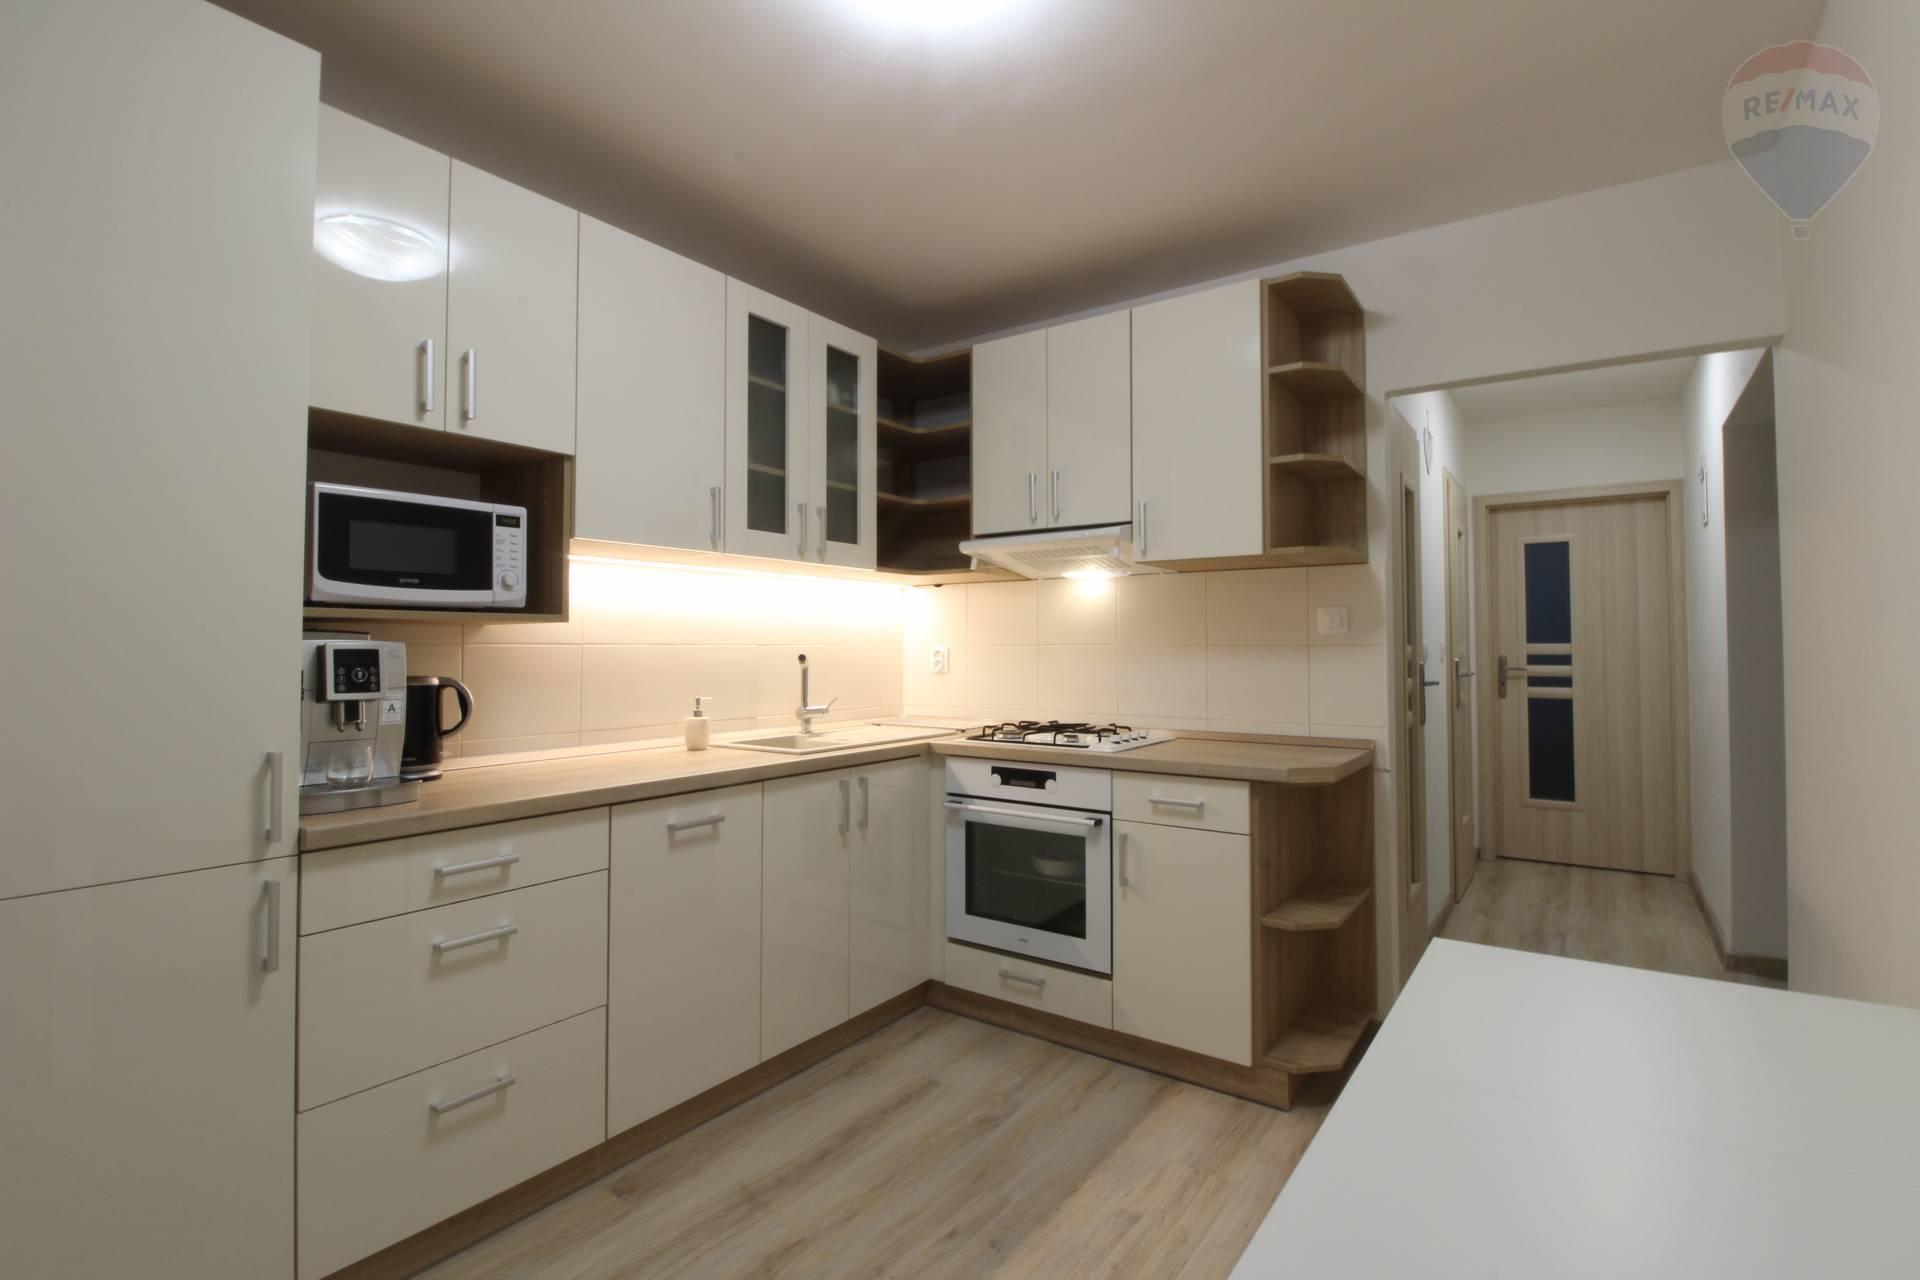 3 izbový byt po kompletnej rekonštrukcii na predaj